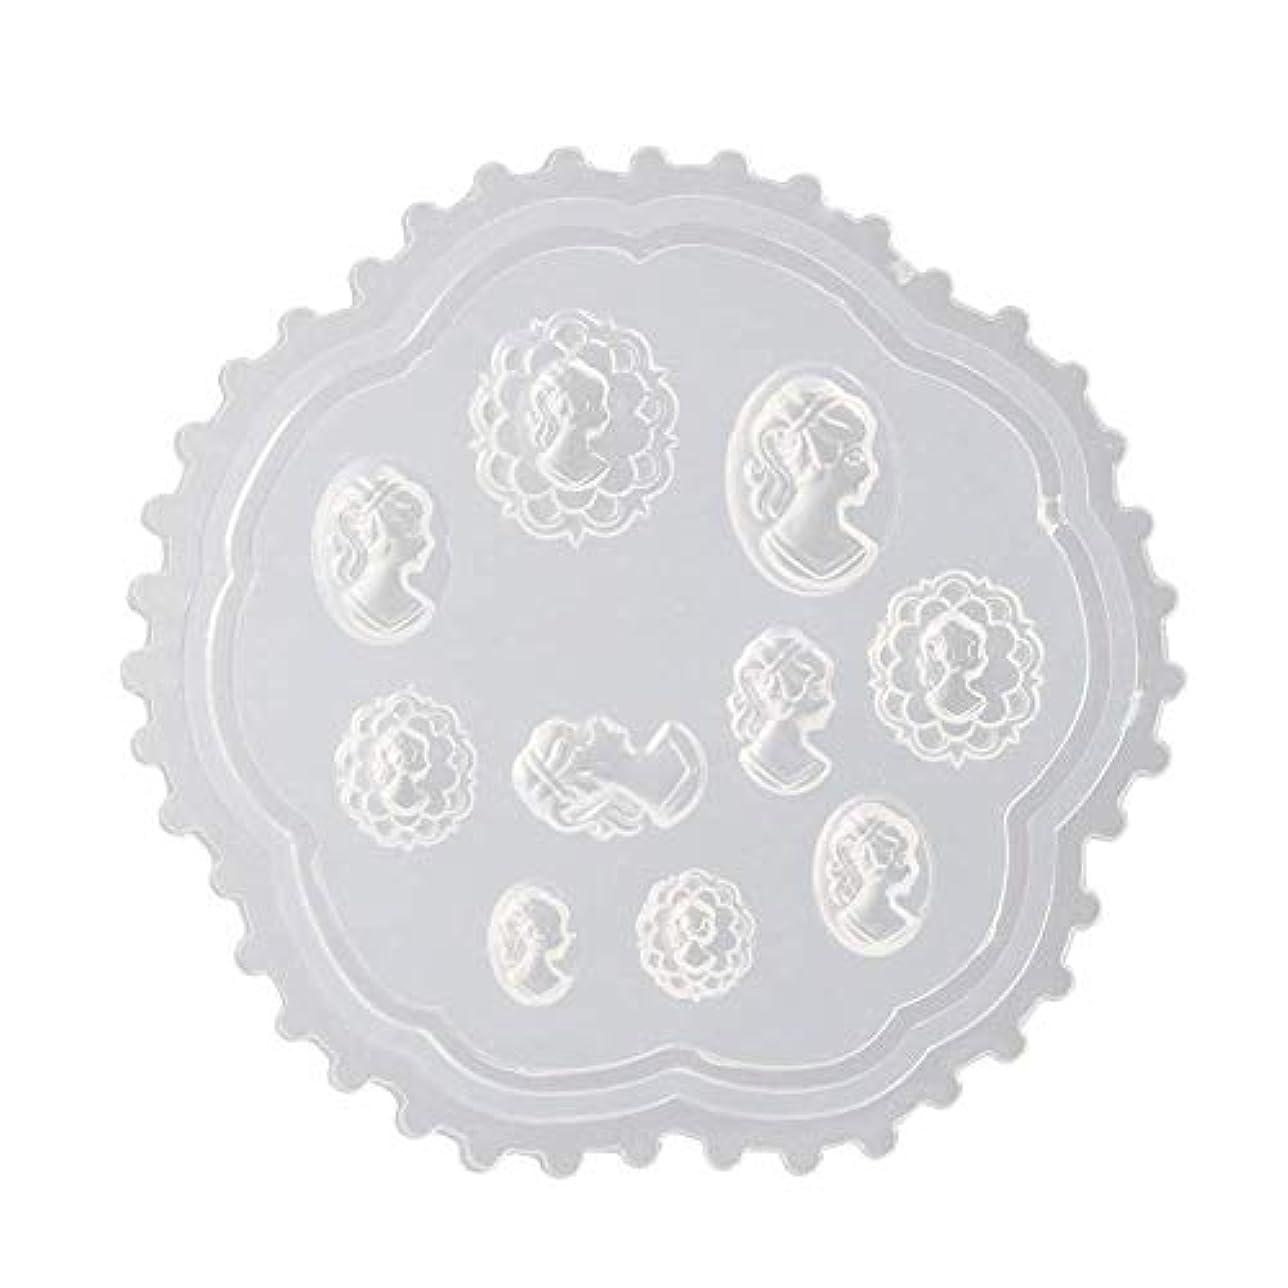 キリン女王圧縮coraly 3Dシリコンモールド ネイル 葉 花 抜き型 3Dネイル用 レジンモールド UVレジン ネイルパーツ ジェル ネイル セット アクセサリー パーツ 作成 (2)